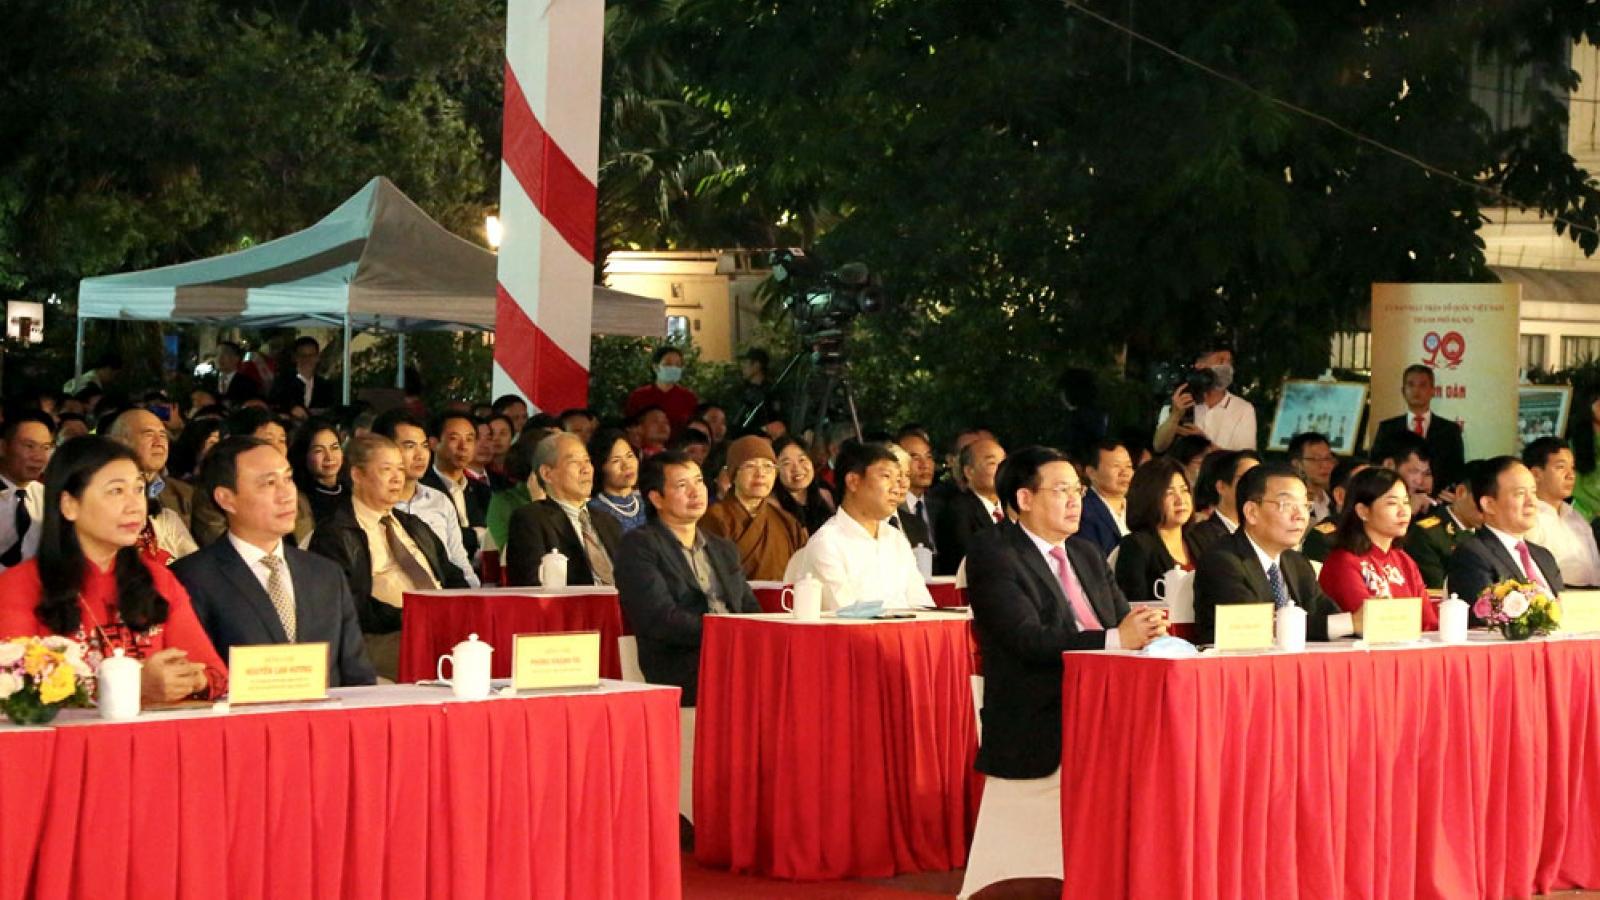 Ông Vương Đình Huệ dự Lễ kỷ niệm 90 năm ngày truyền thống Mặt trận Tổ quốc Việt Nam